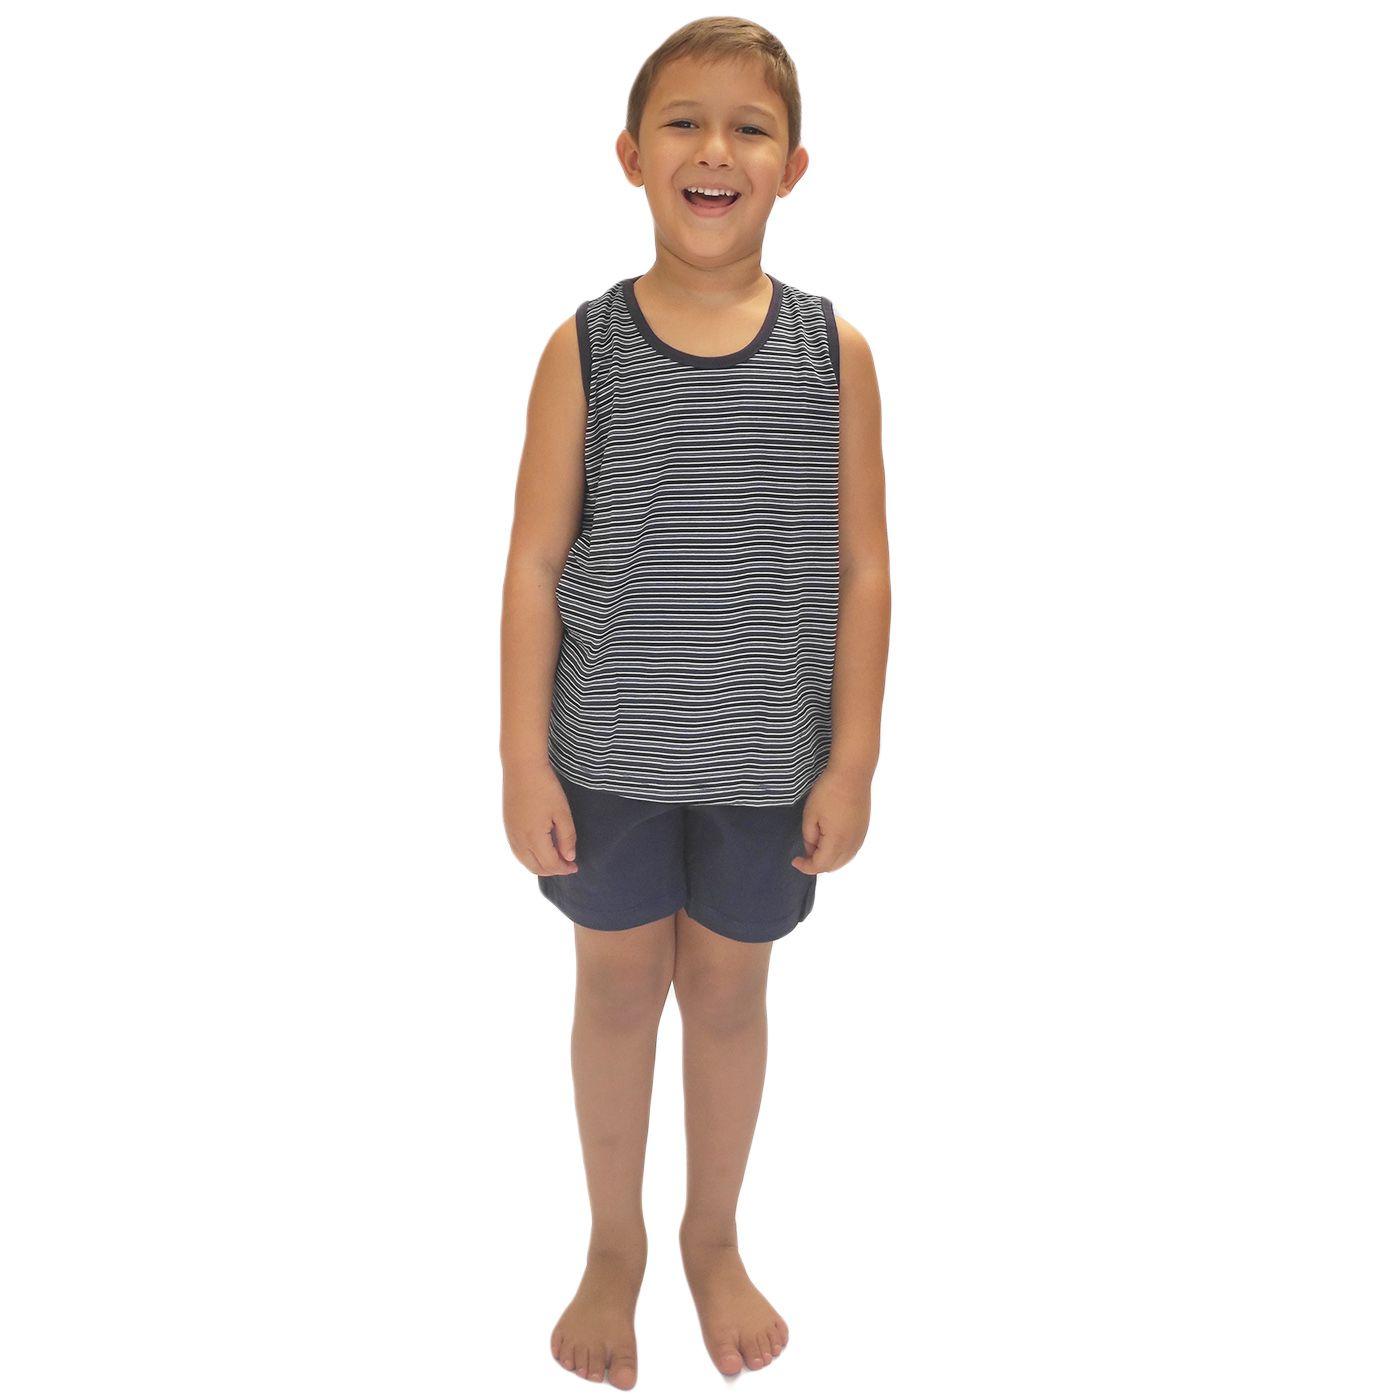 Pijama infantil menino blusa regata listrada algodão